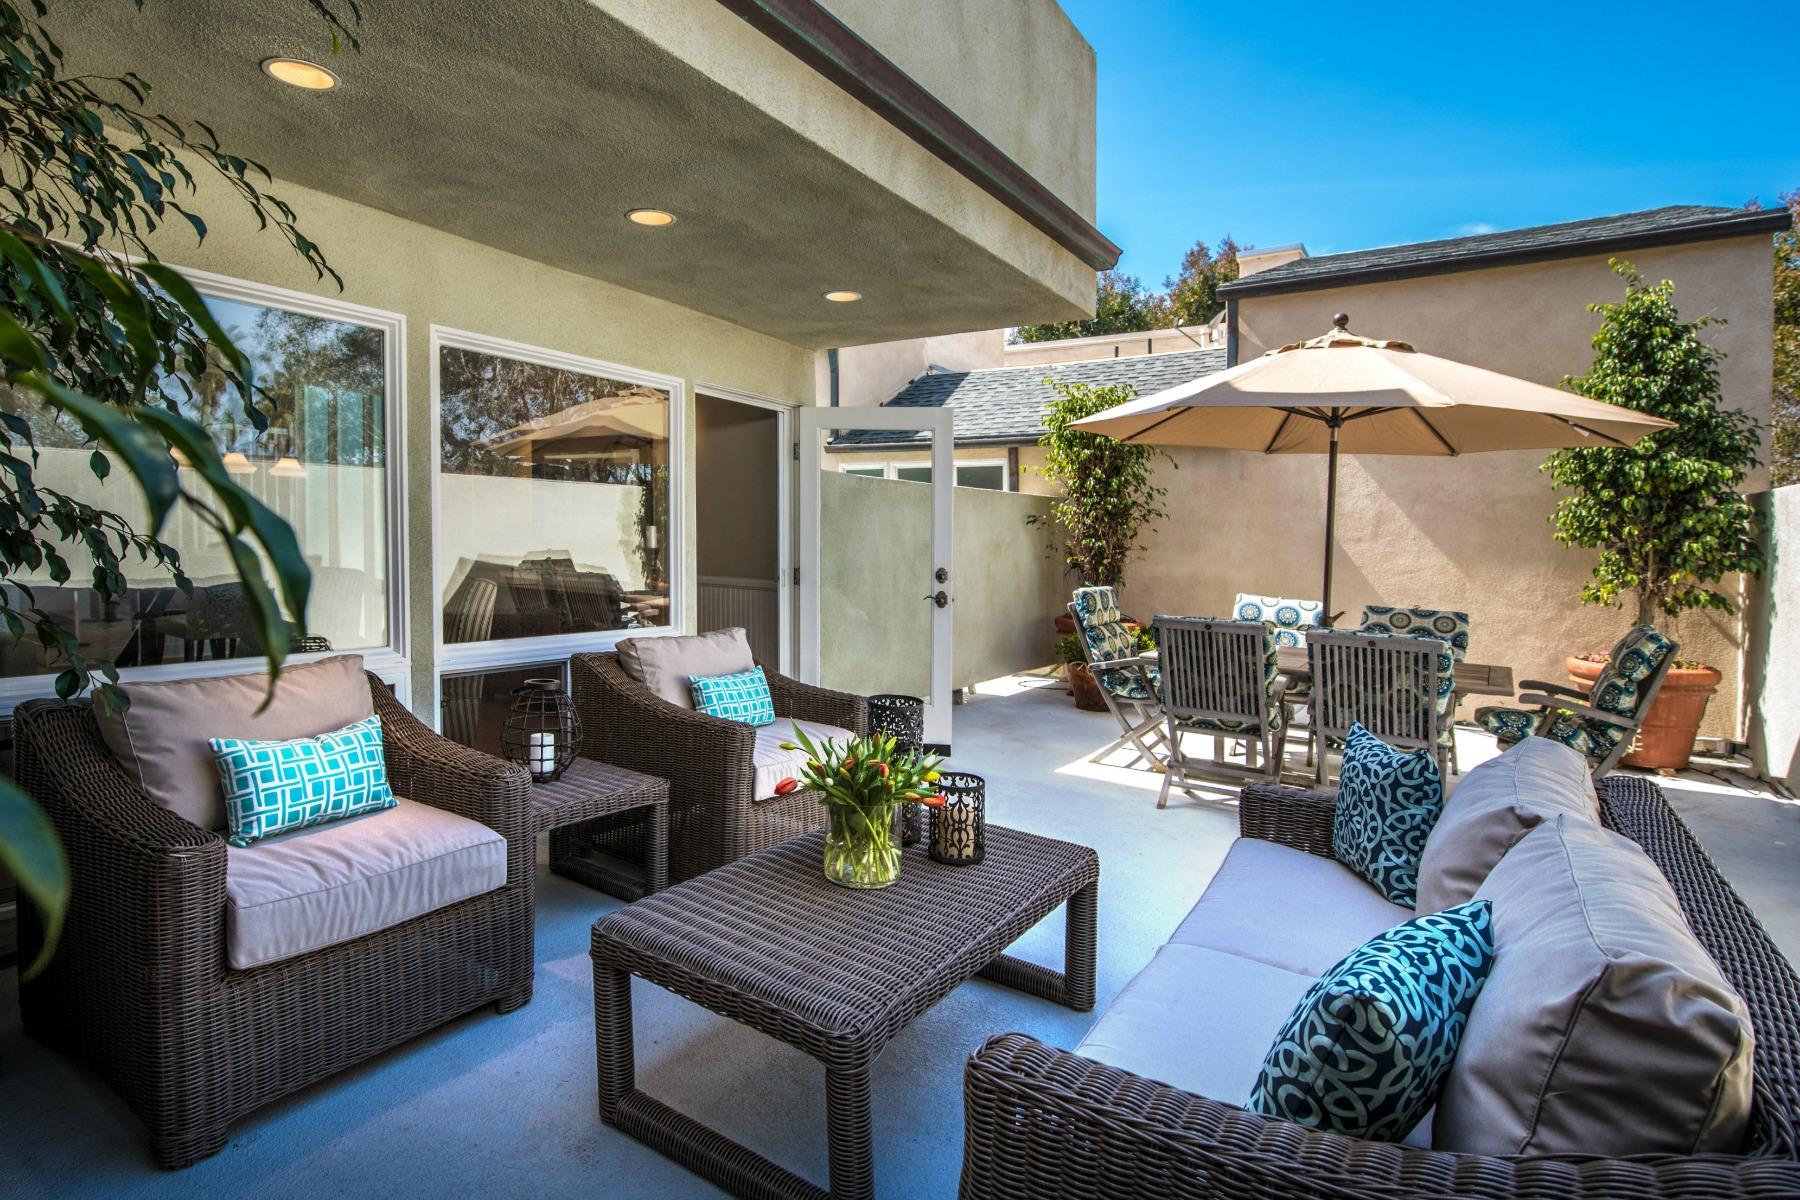 Частный односемейный дом для того Продажа на 1761 Coast Blvd Del Mar, Калифорния 92014 Соединенные Штаты